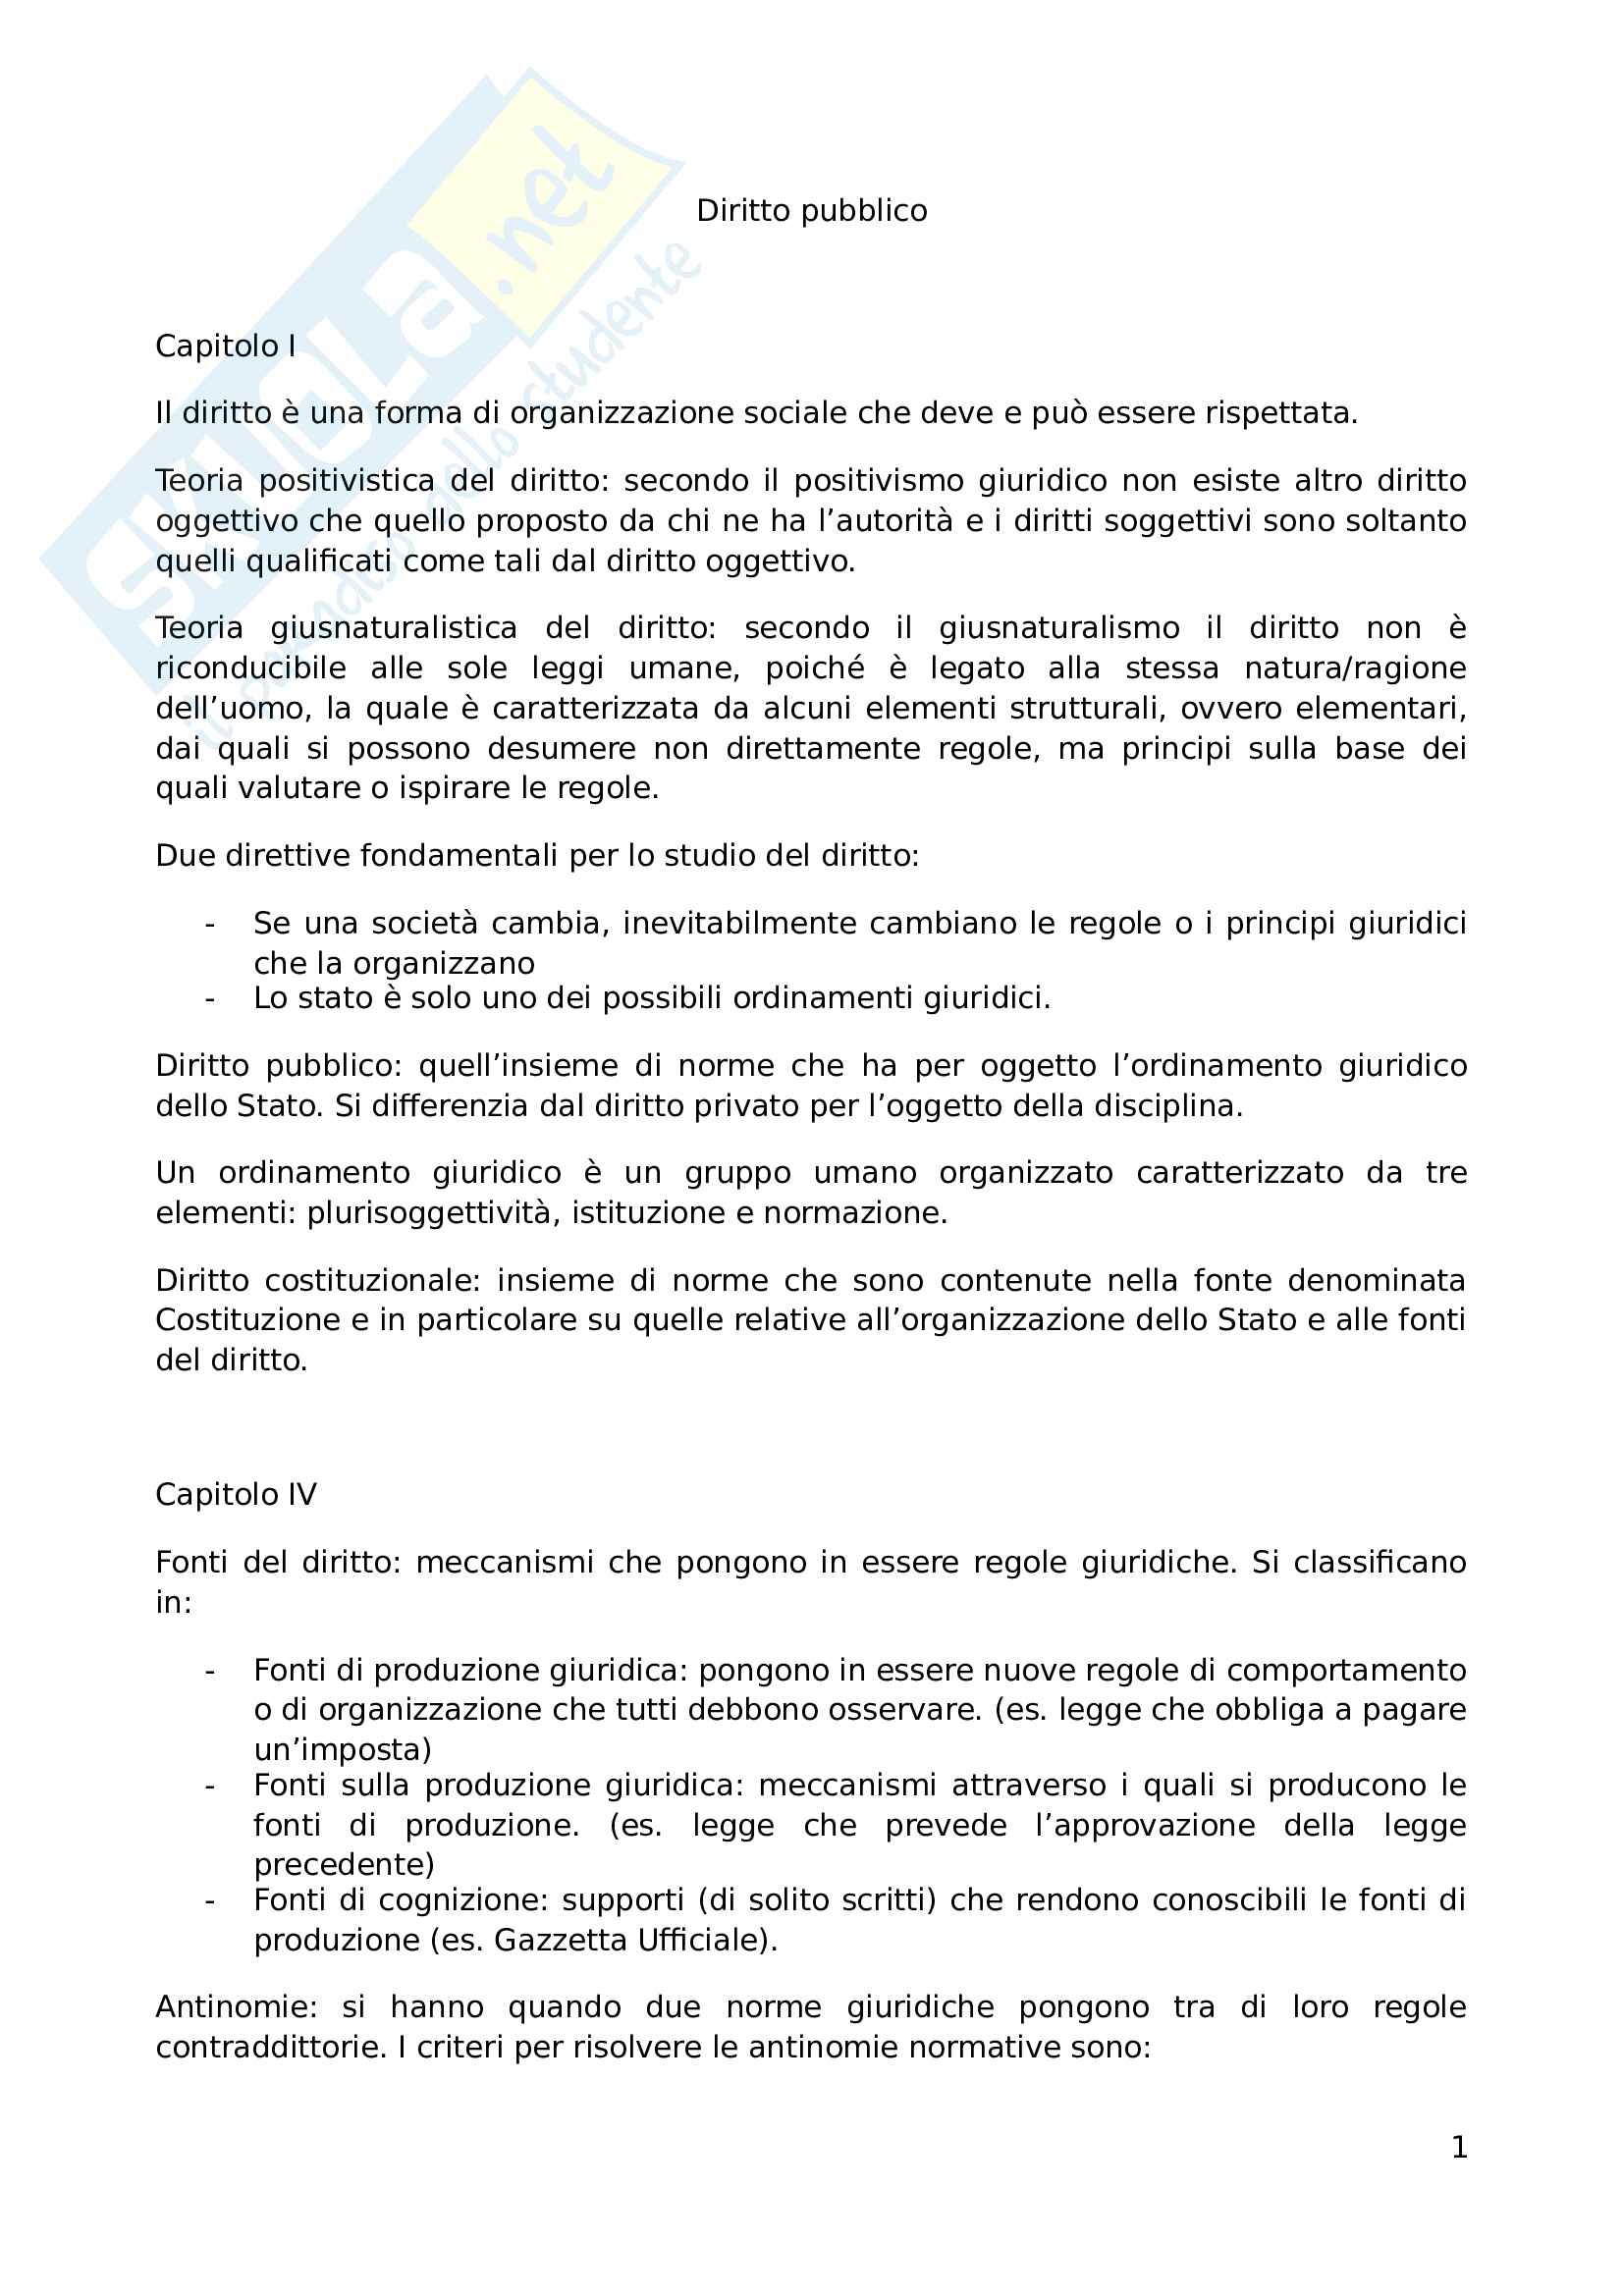 """Riassunto esame, Prof. Andrea Simoncini, libro consigliato """"Introduzione allo studio del diritto pubblico e delle sue fonti"""""""